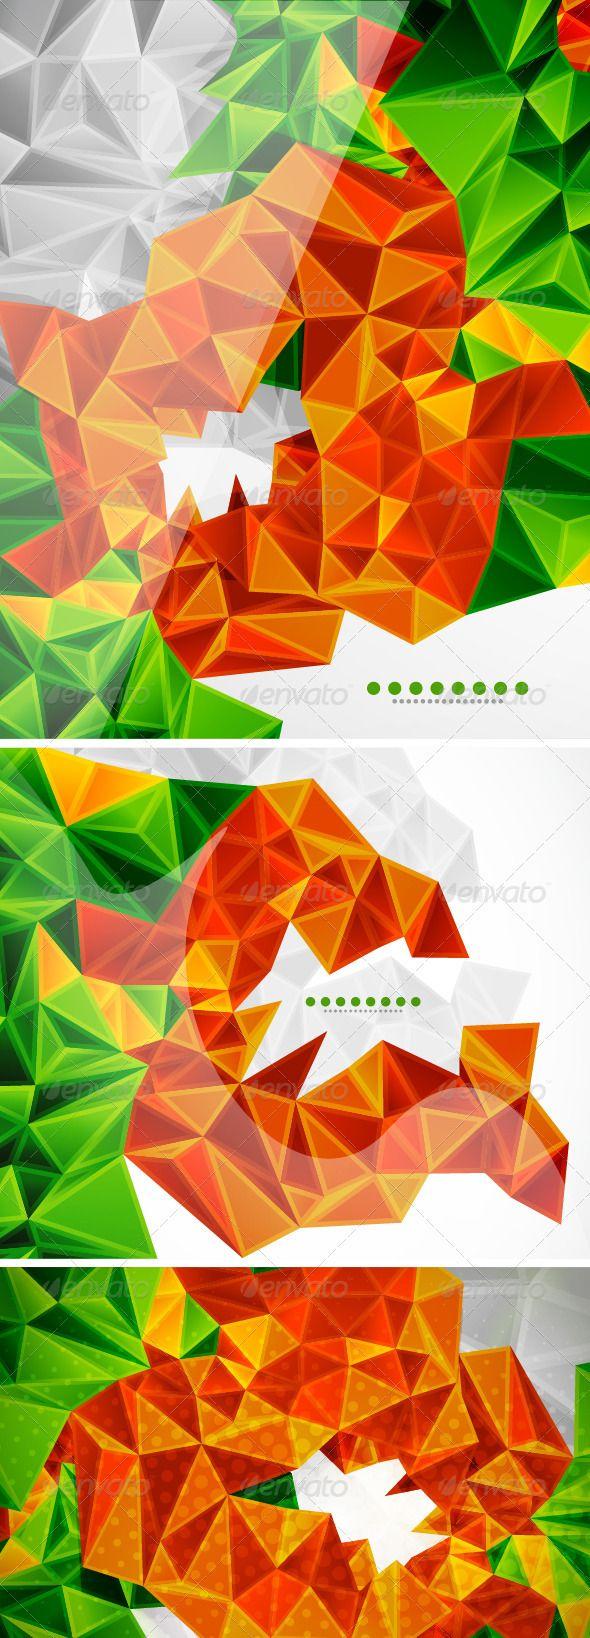 Vector Mosaics Backgrounds 222 best Vectors images